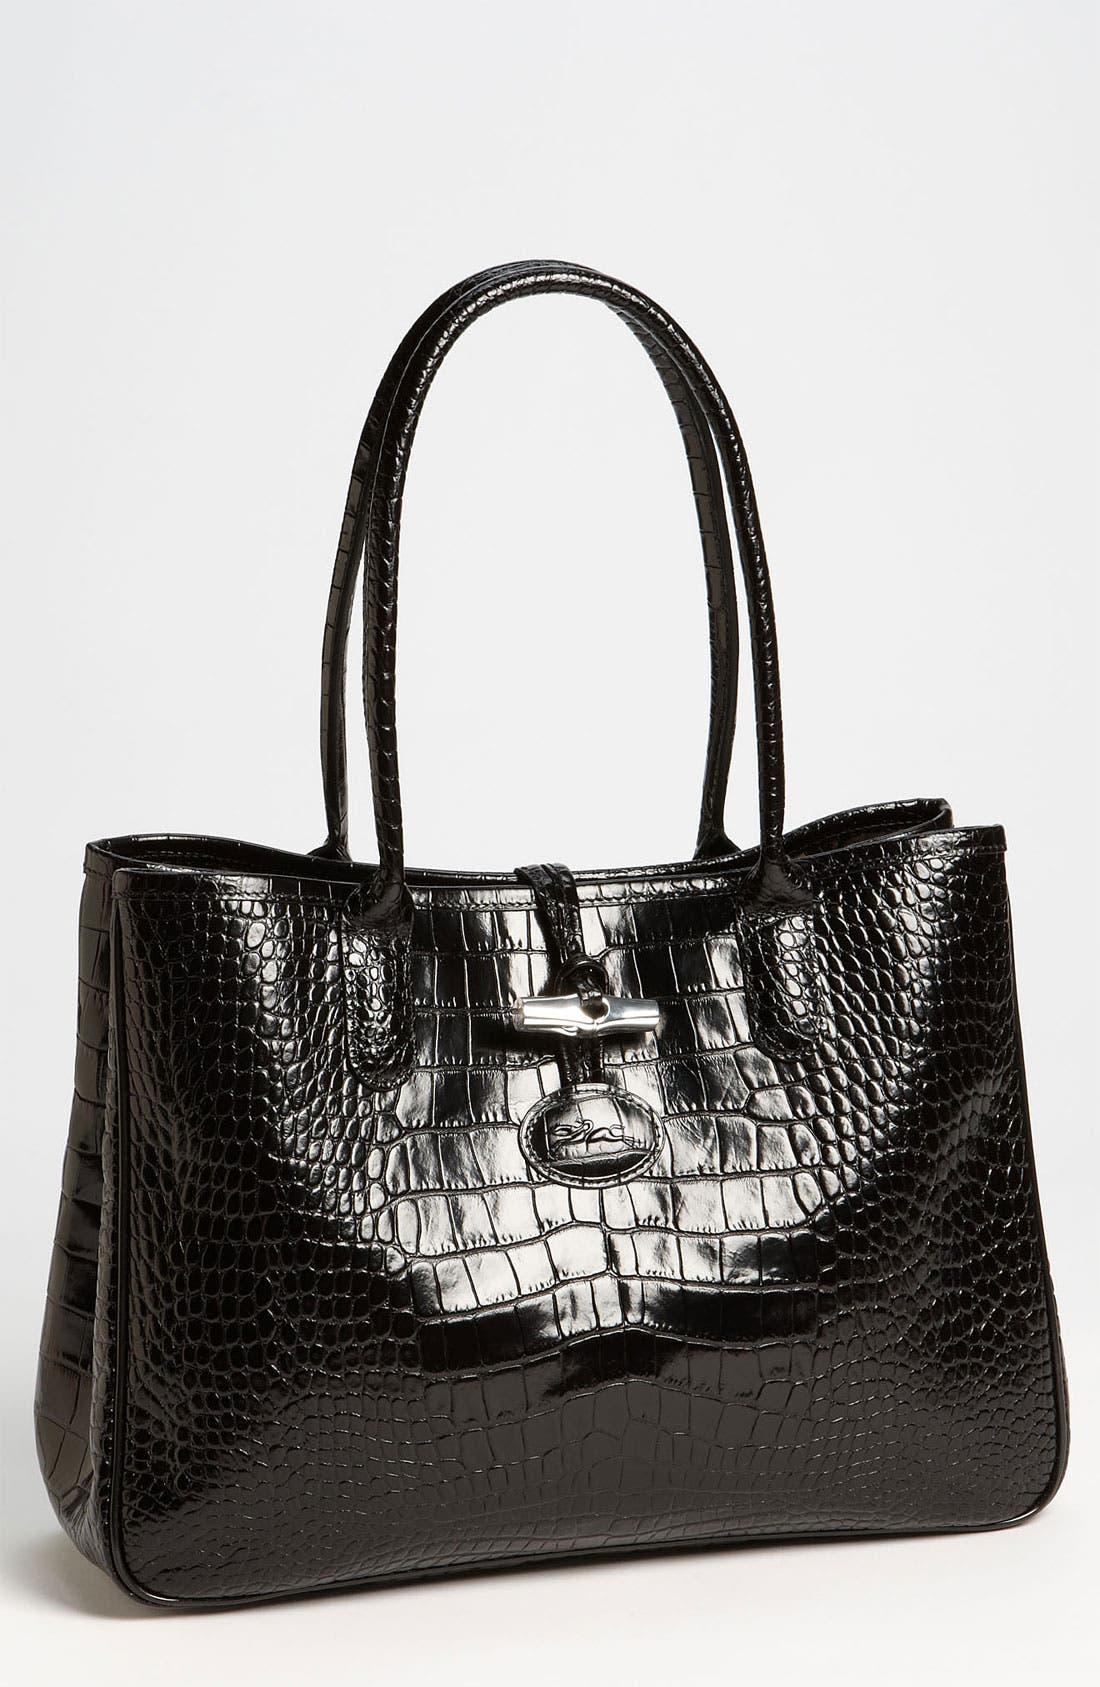 Alternate Image 1 Selected - Longchamp 'Roseau Croco' Shoulder Tote